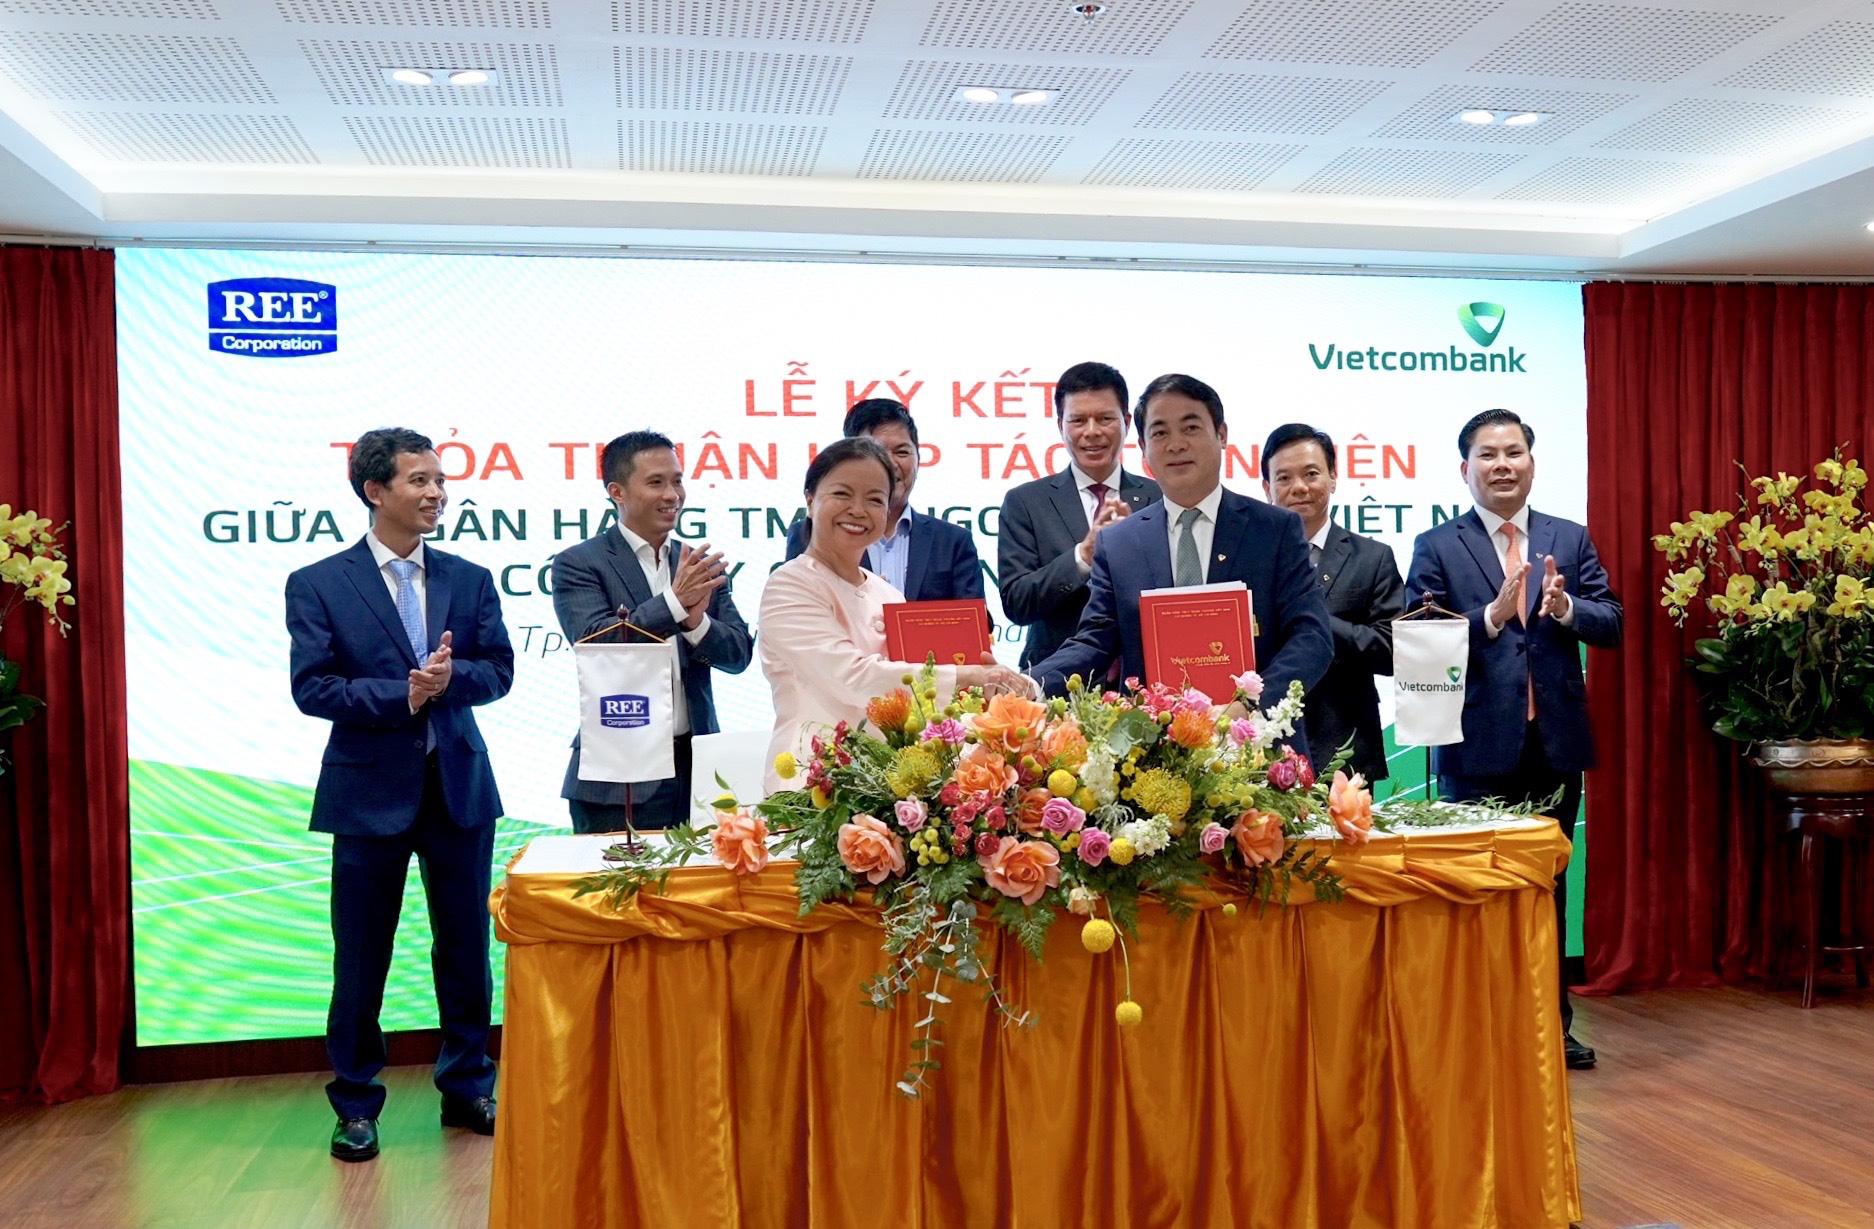 Vietcombank và REE Corporation ký kết Thoả thuận Hợp tác toàn diện - Ảnh 4.